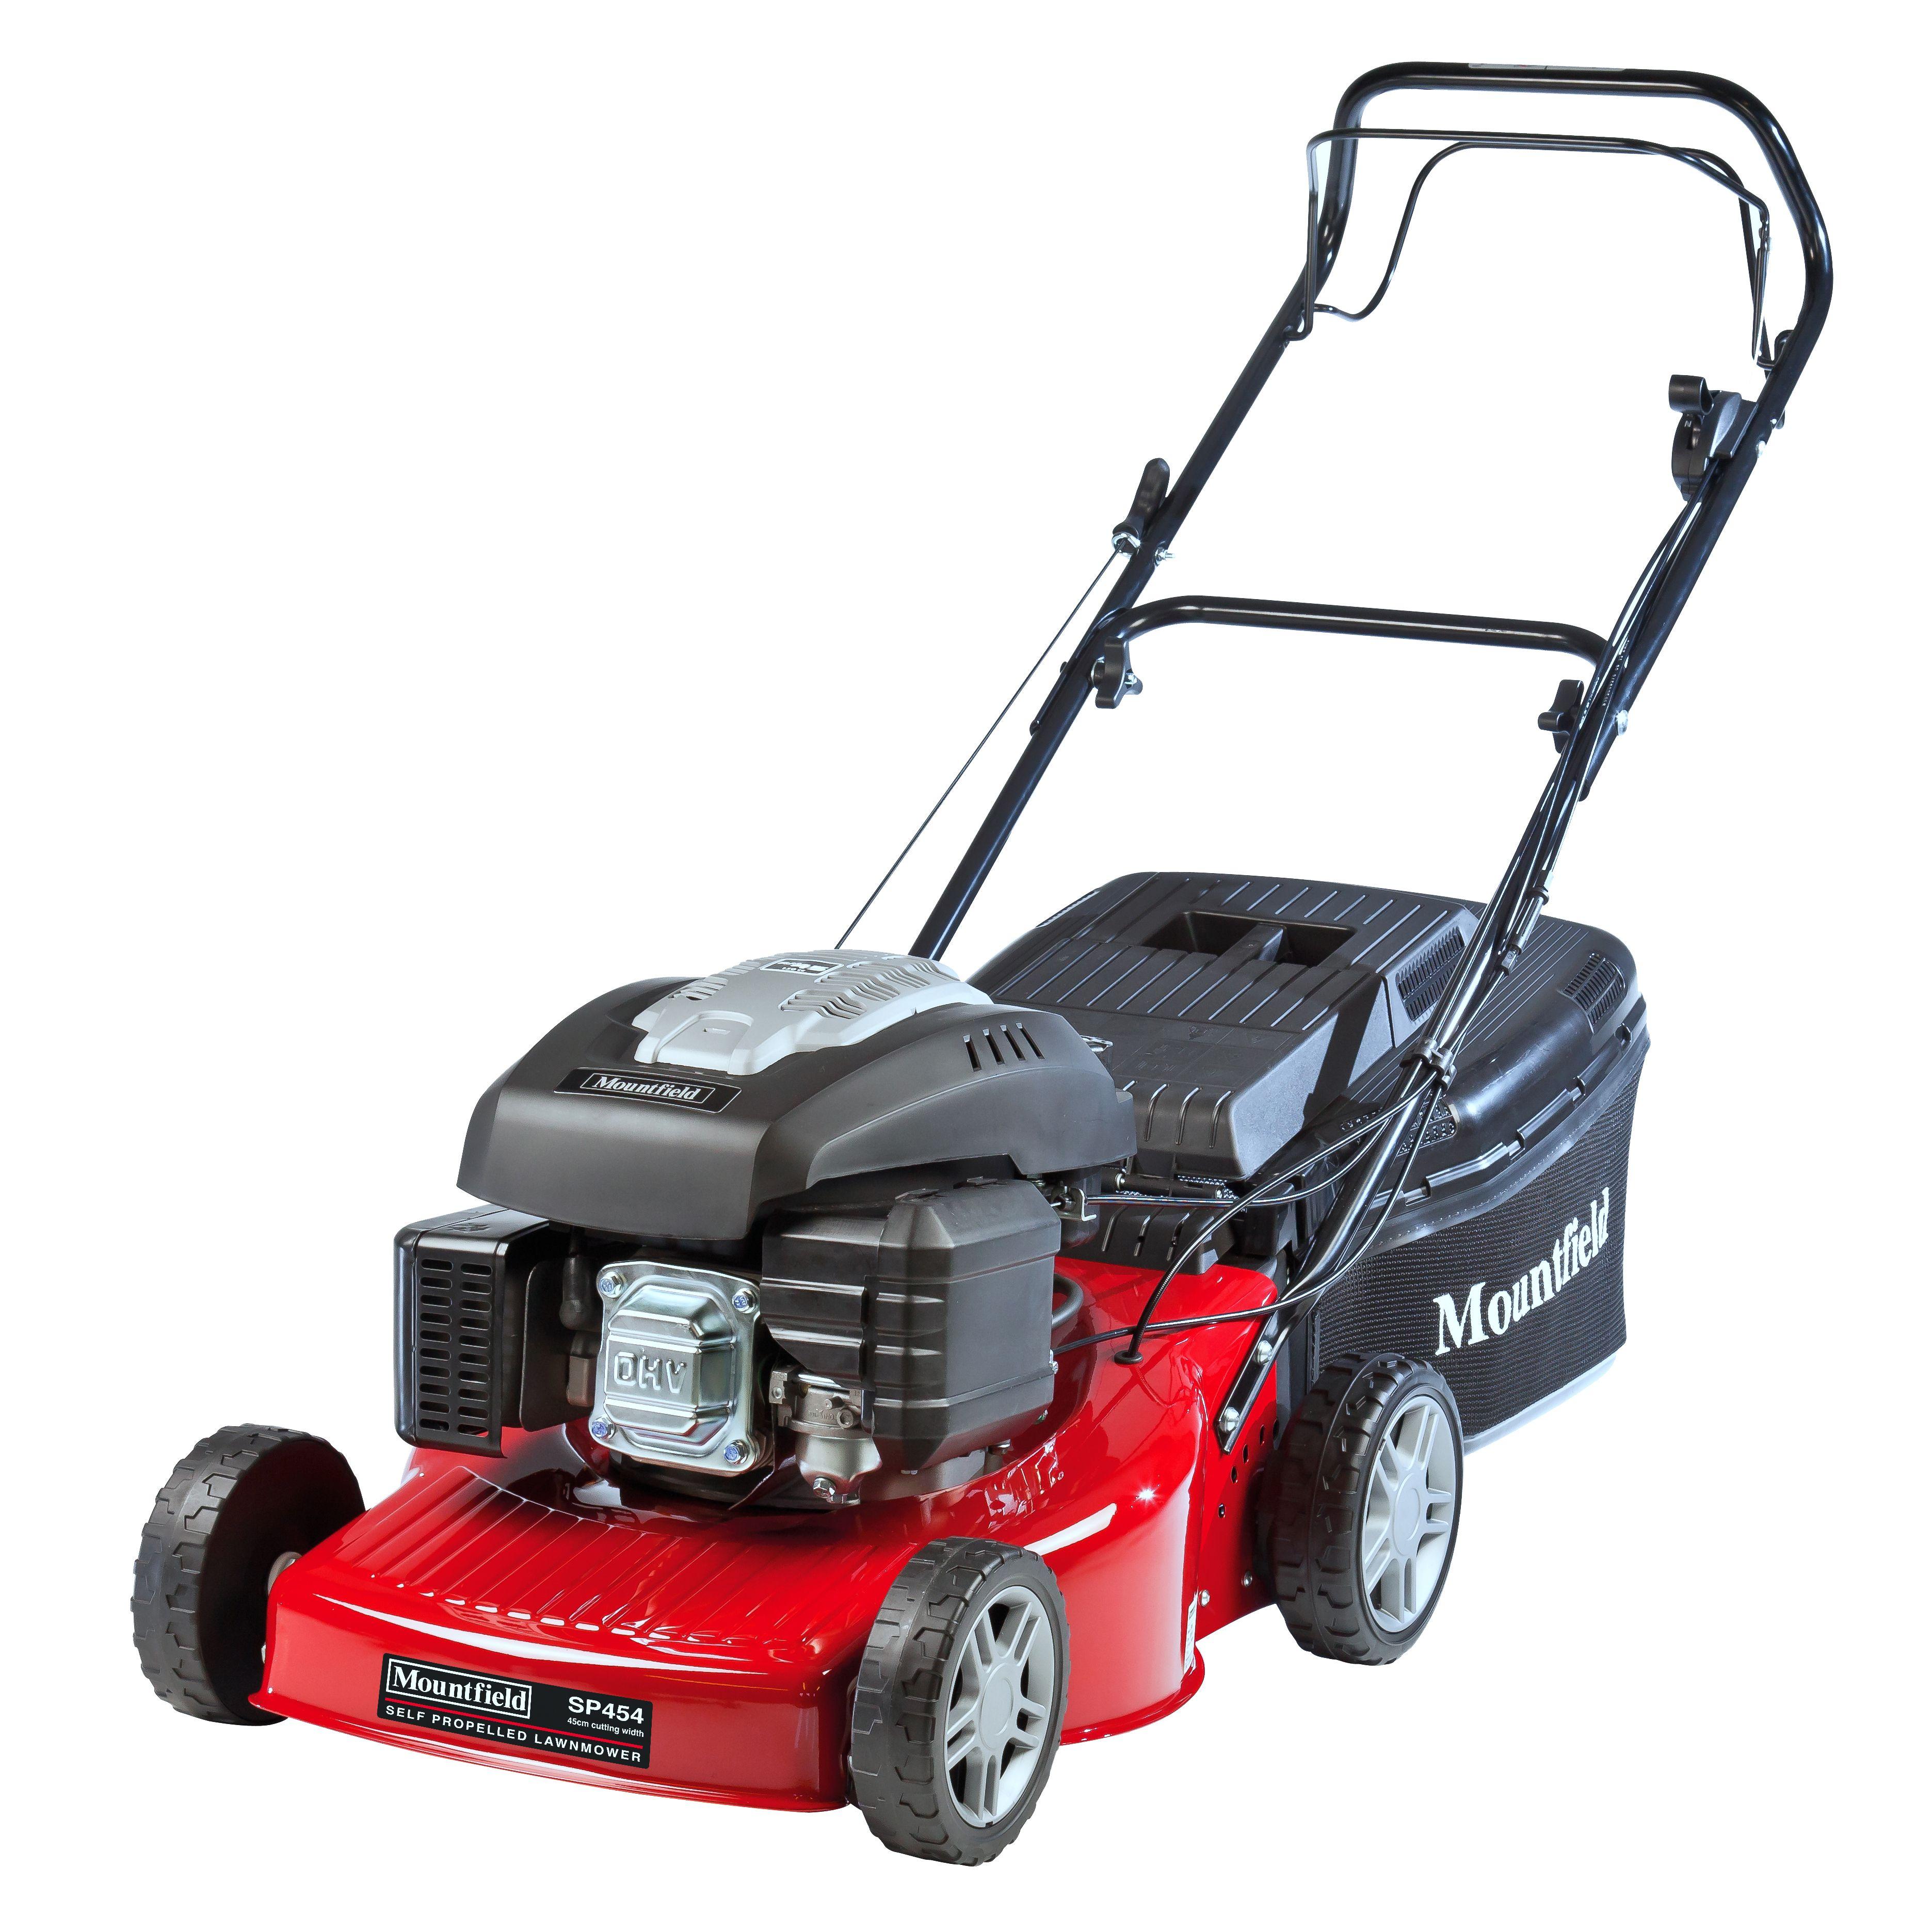 Sp454 Rm45 2013 2014 Models Honda Lawn Mower Fuel Filter